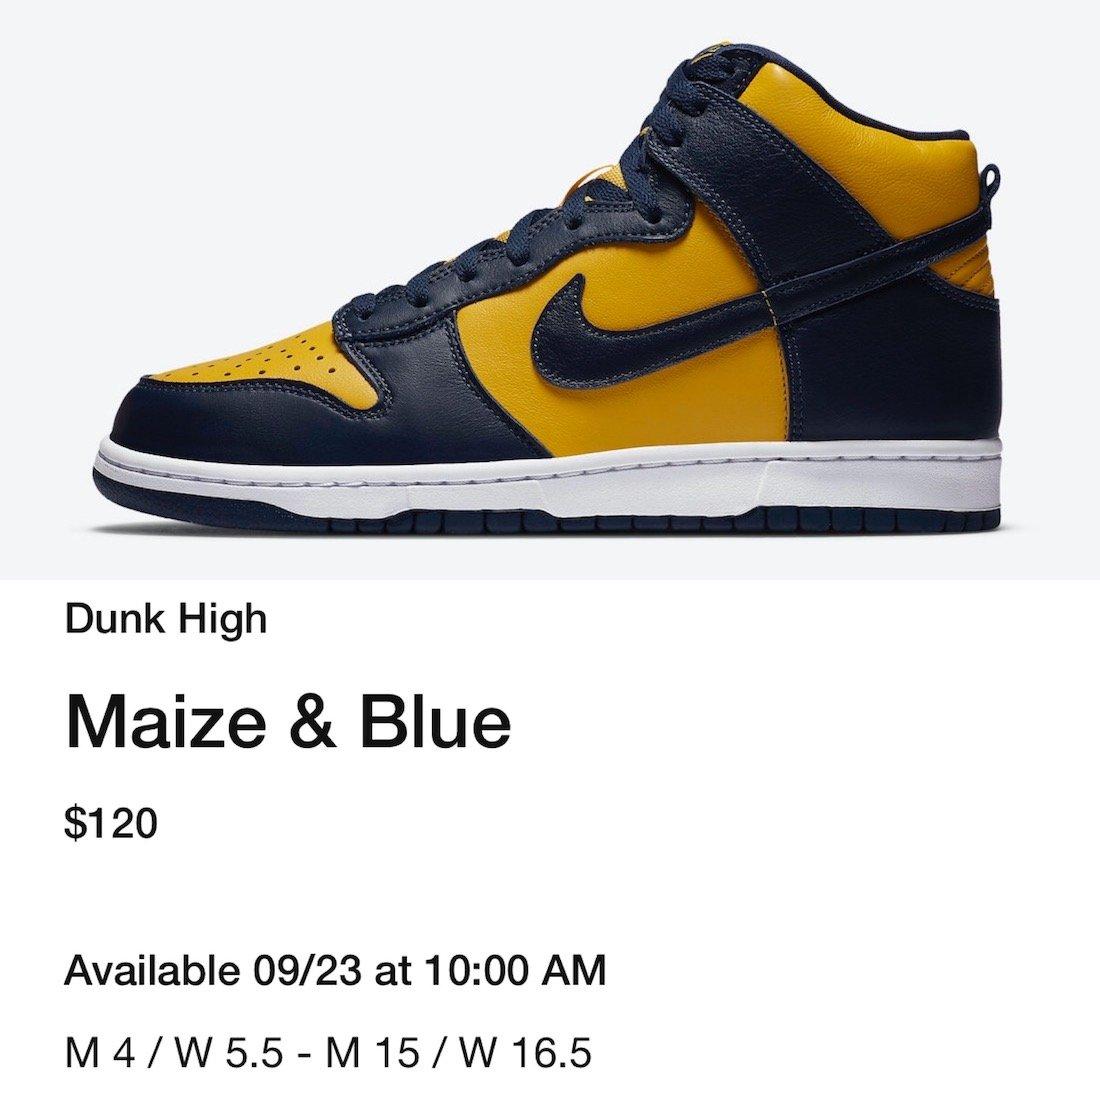 Nike Dunk High Michigan Release Date